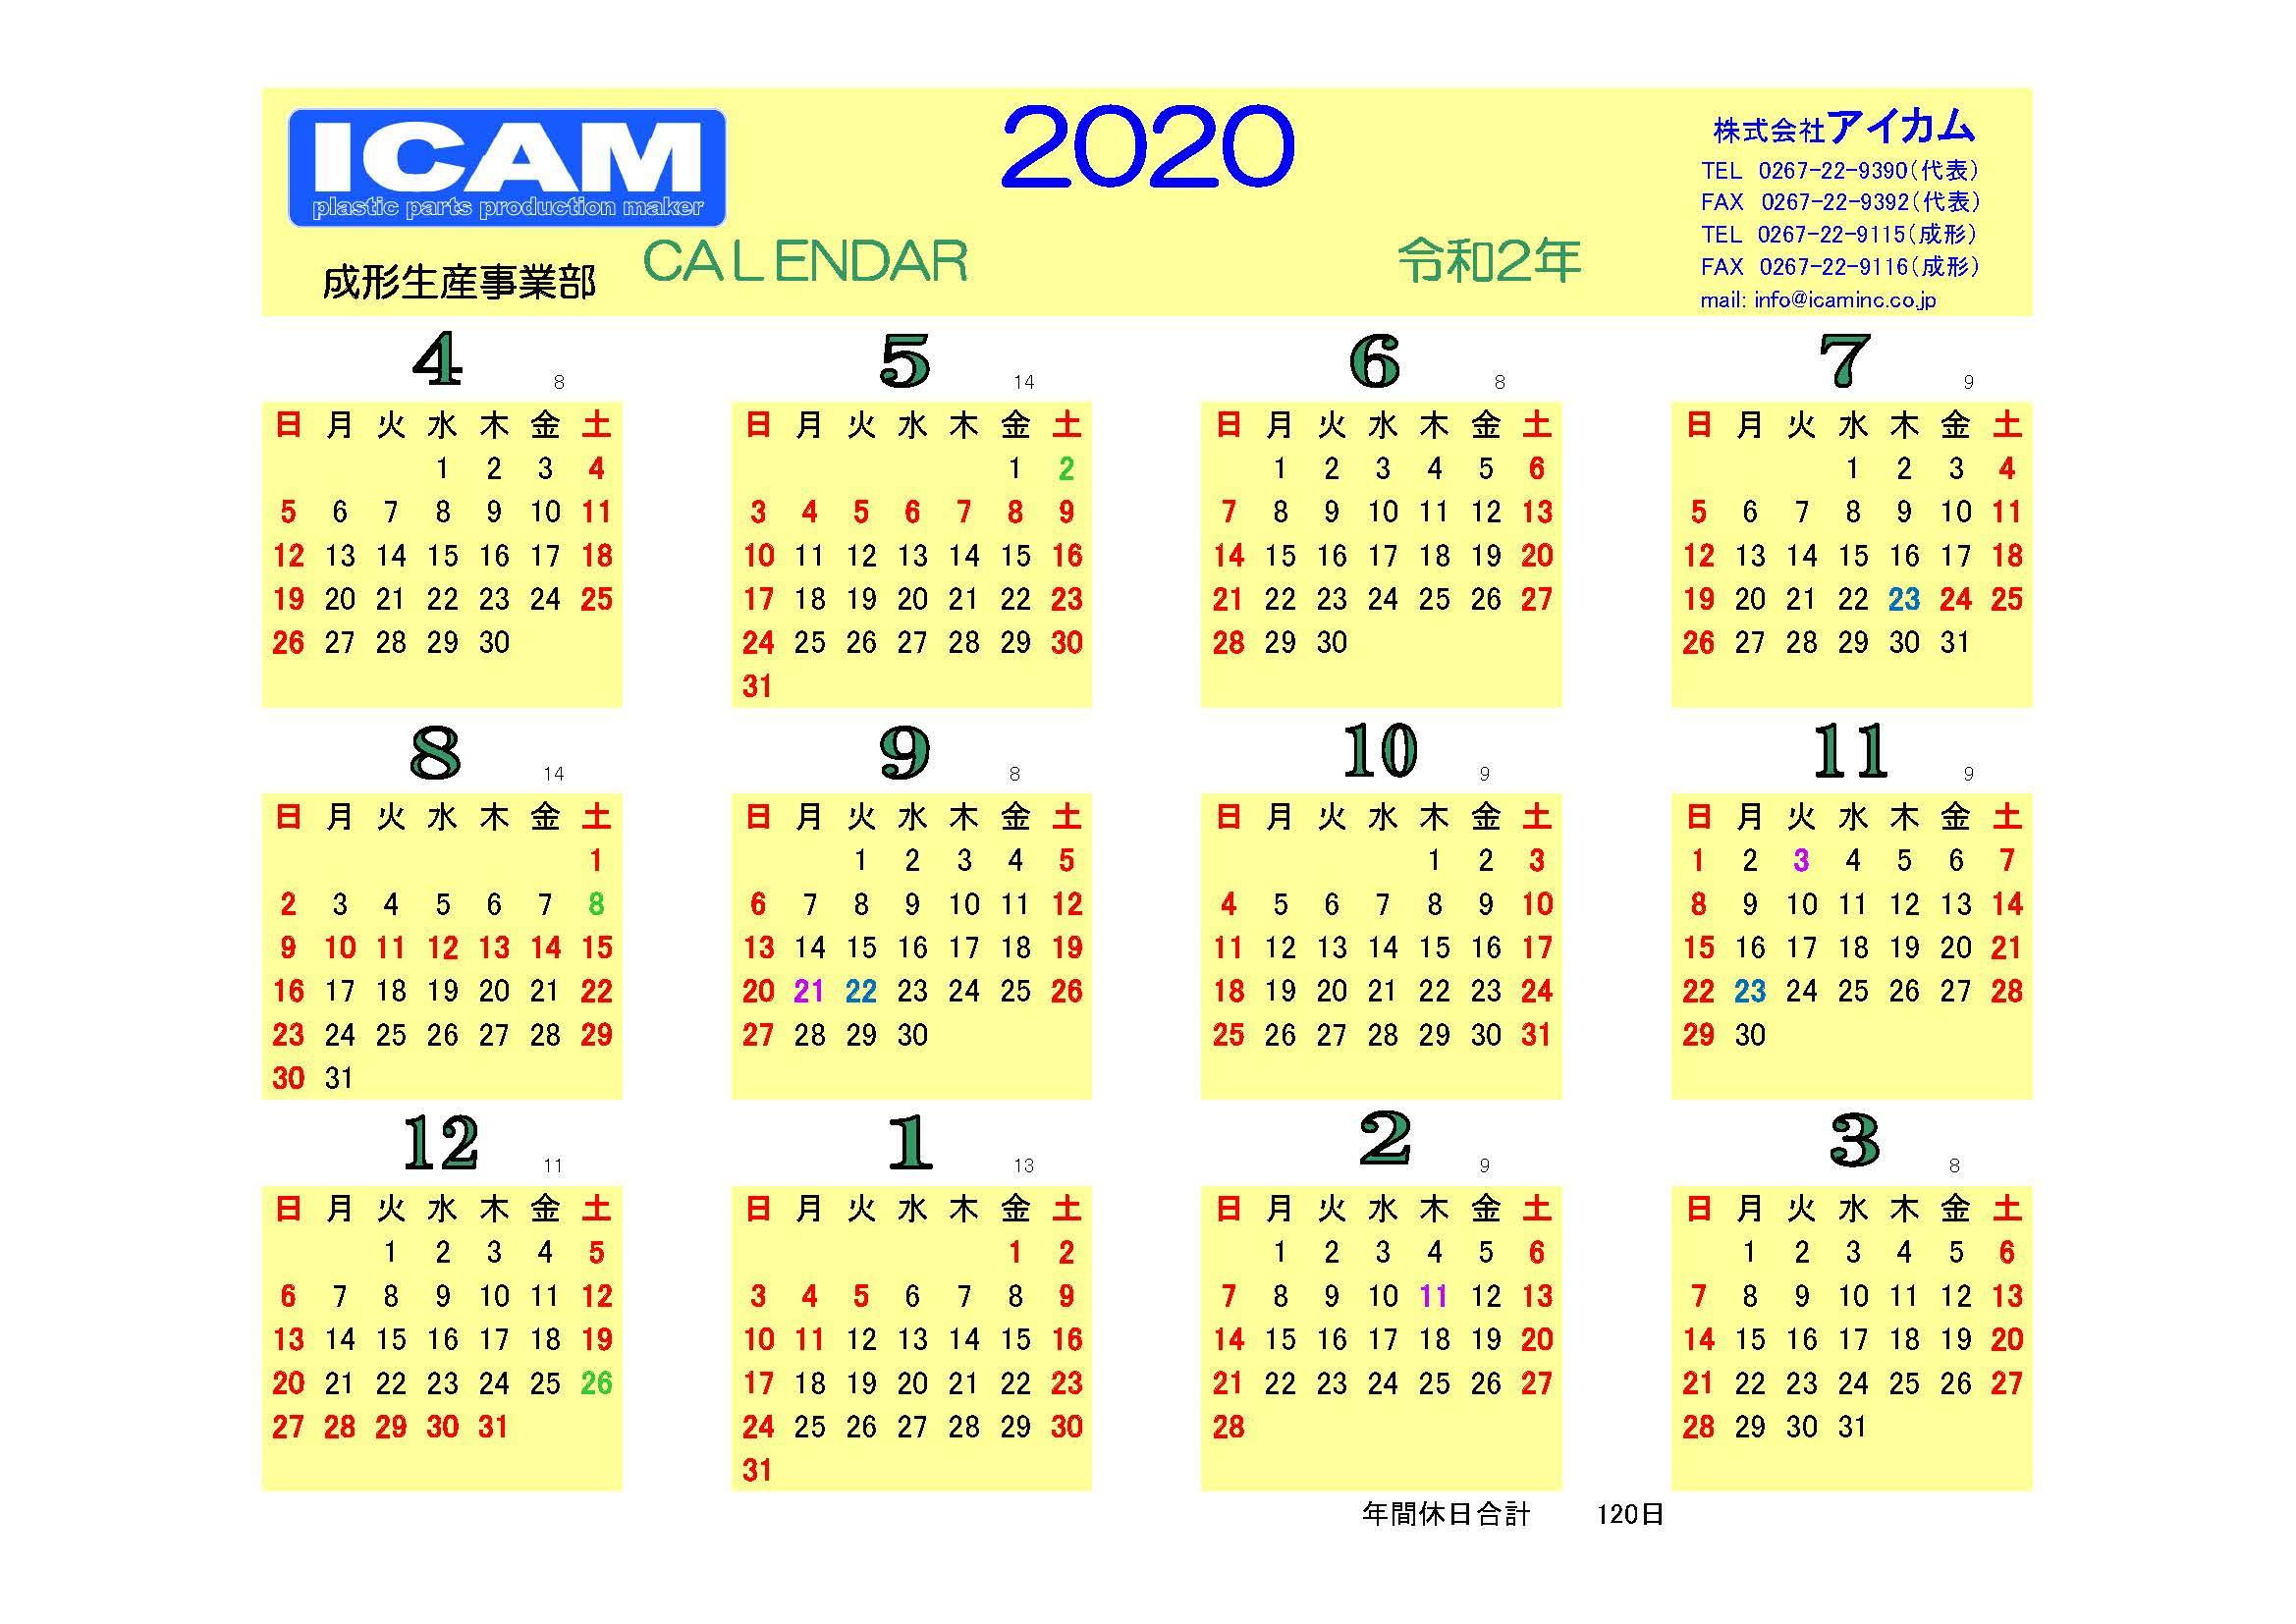 2020年成形カレンダー